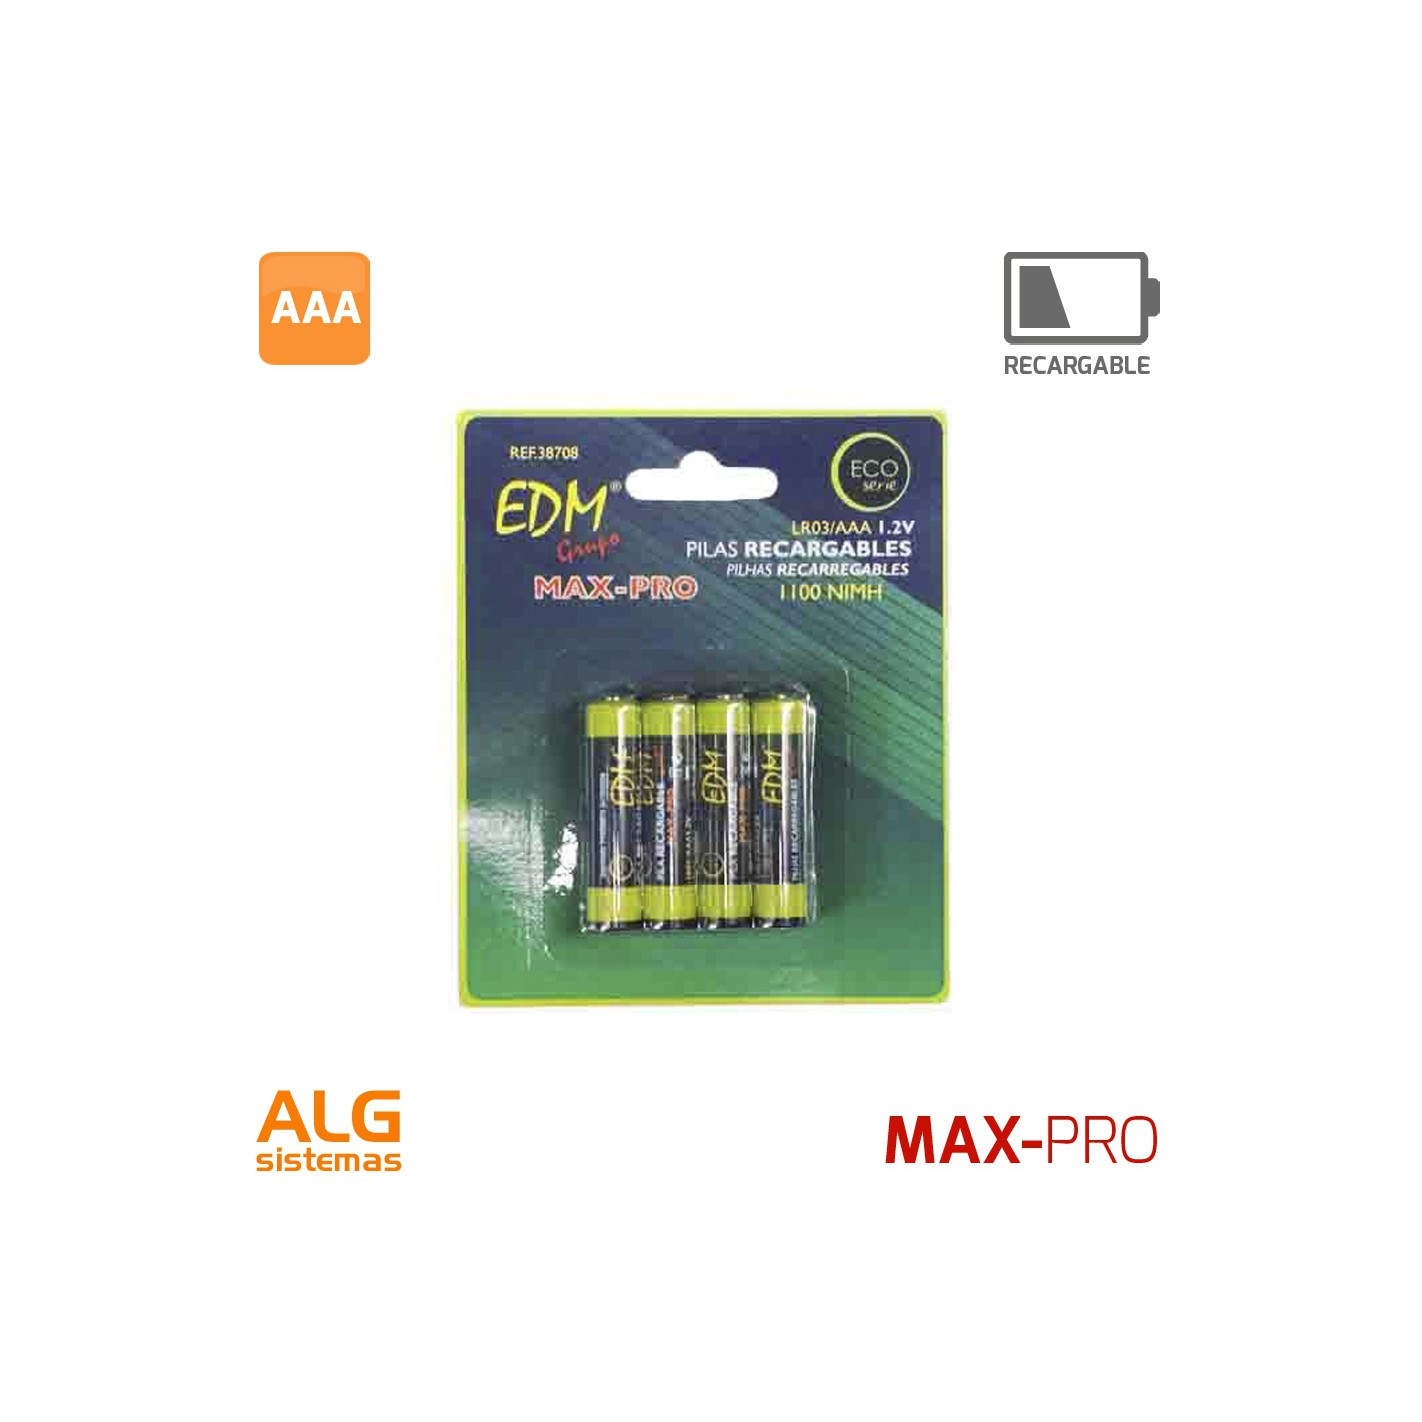 Extractor De Baño Pilas: > Pilas y baterias > Blister 4 pilas R-03 de 1100 Mah recargables